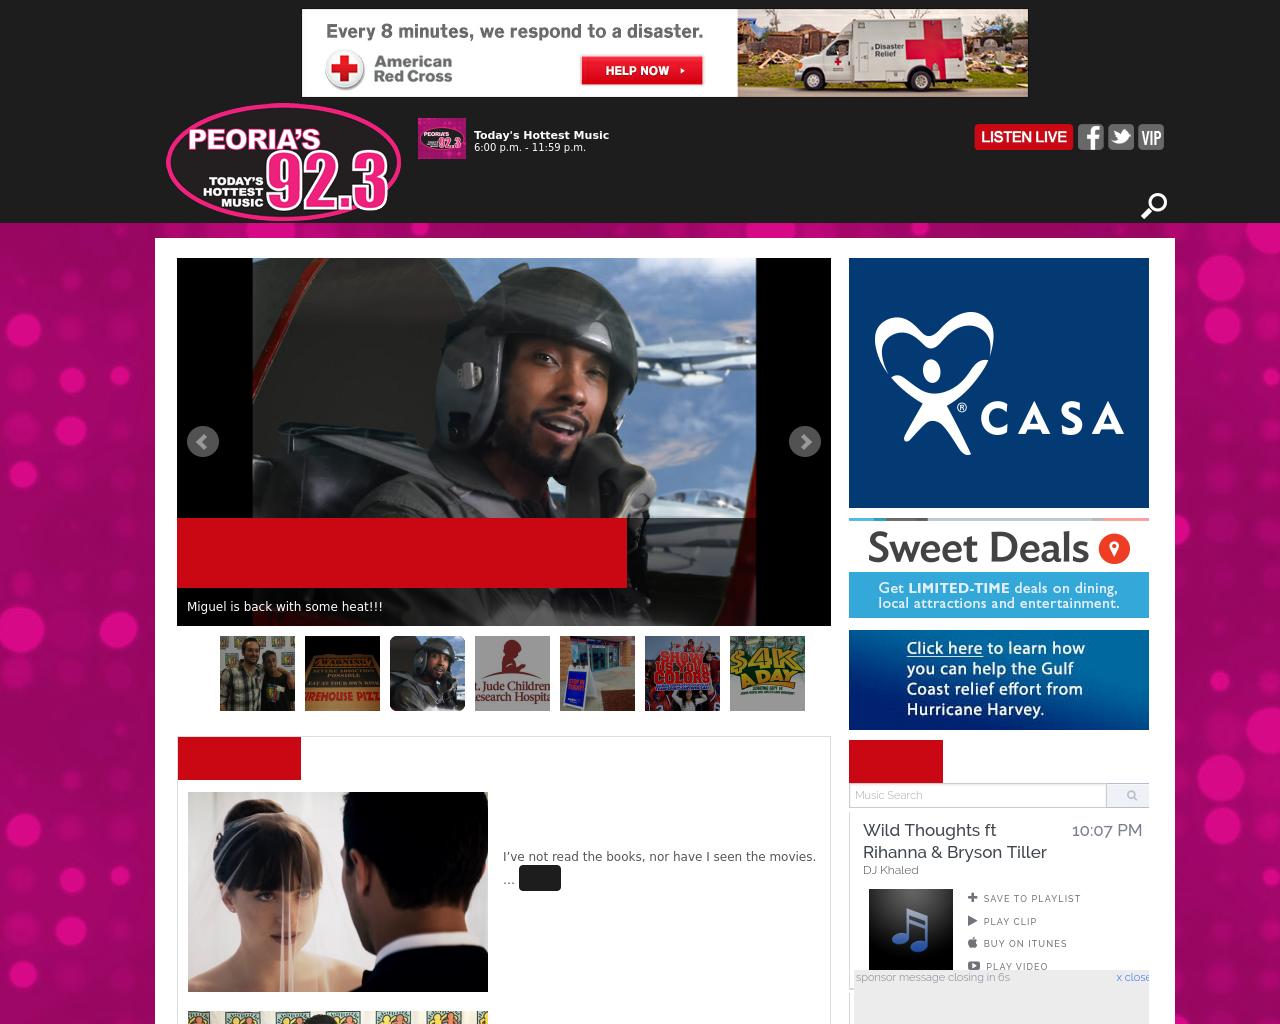 Powerpeoria-Advertising-Reviews-Pricing